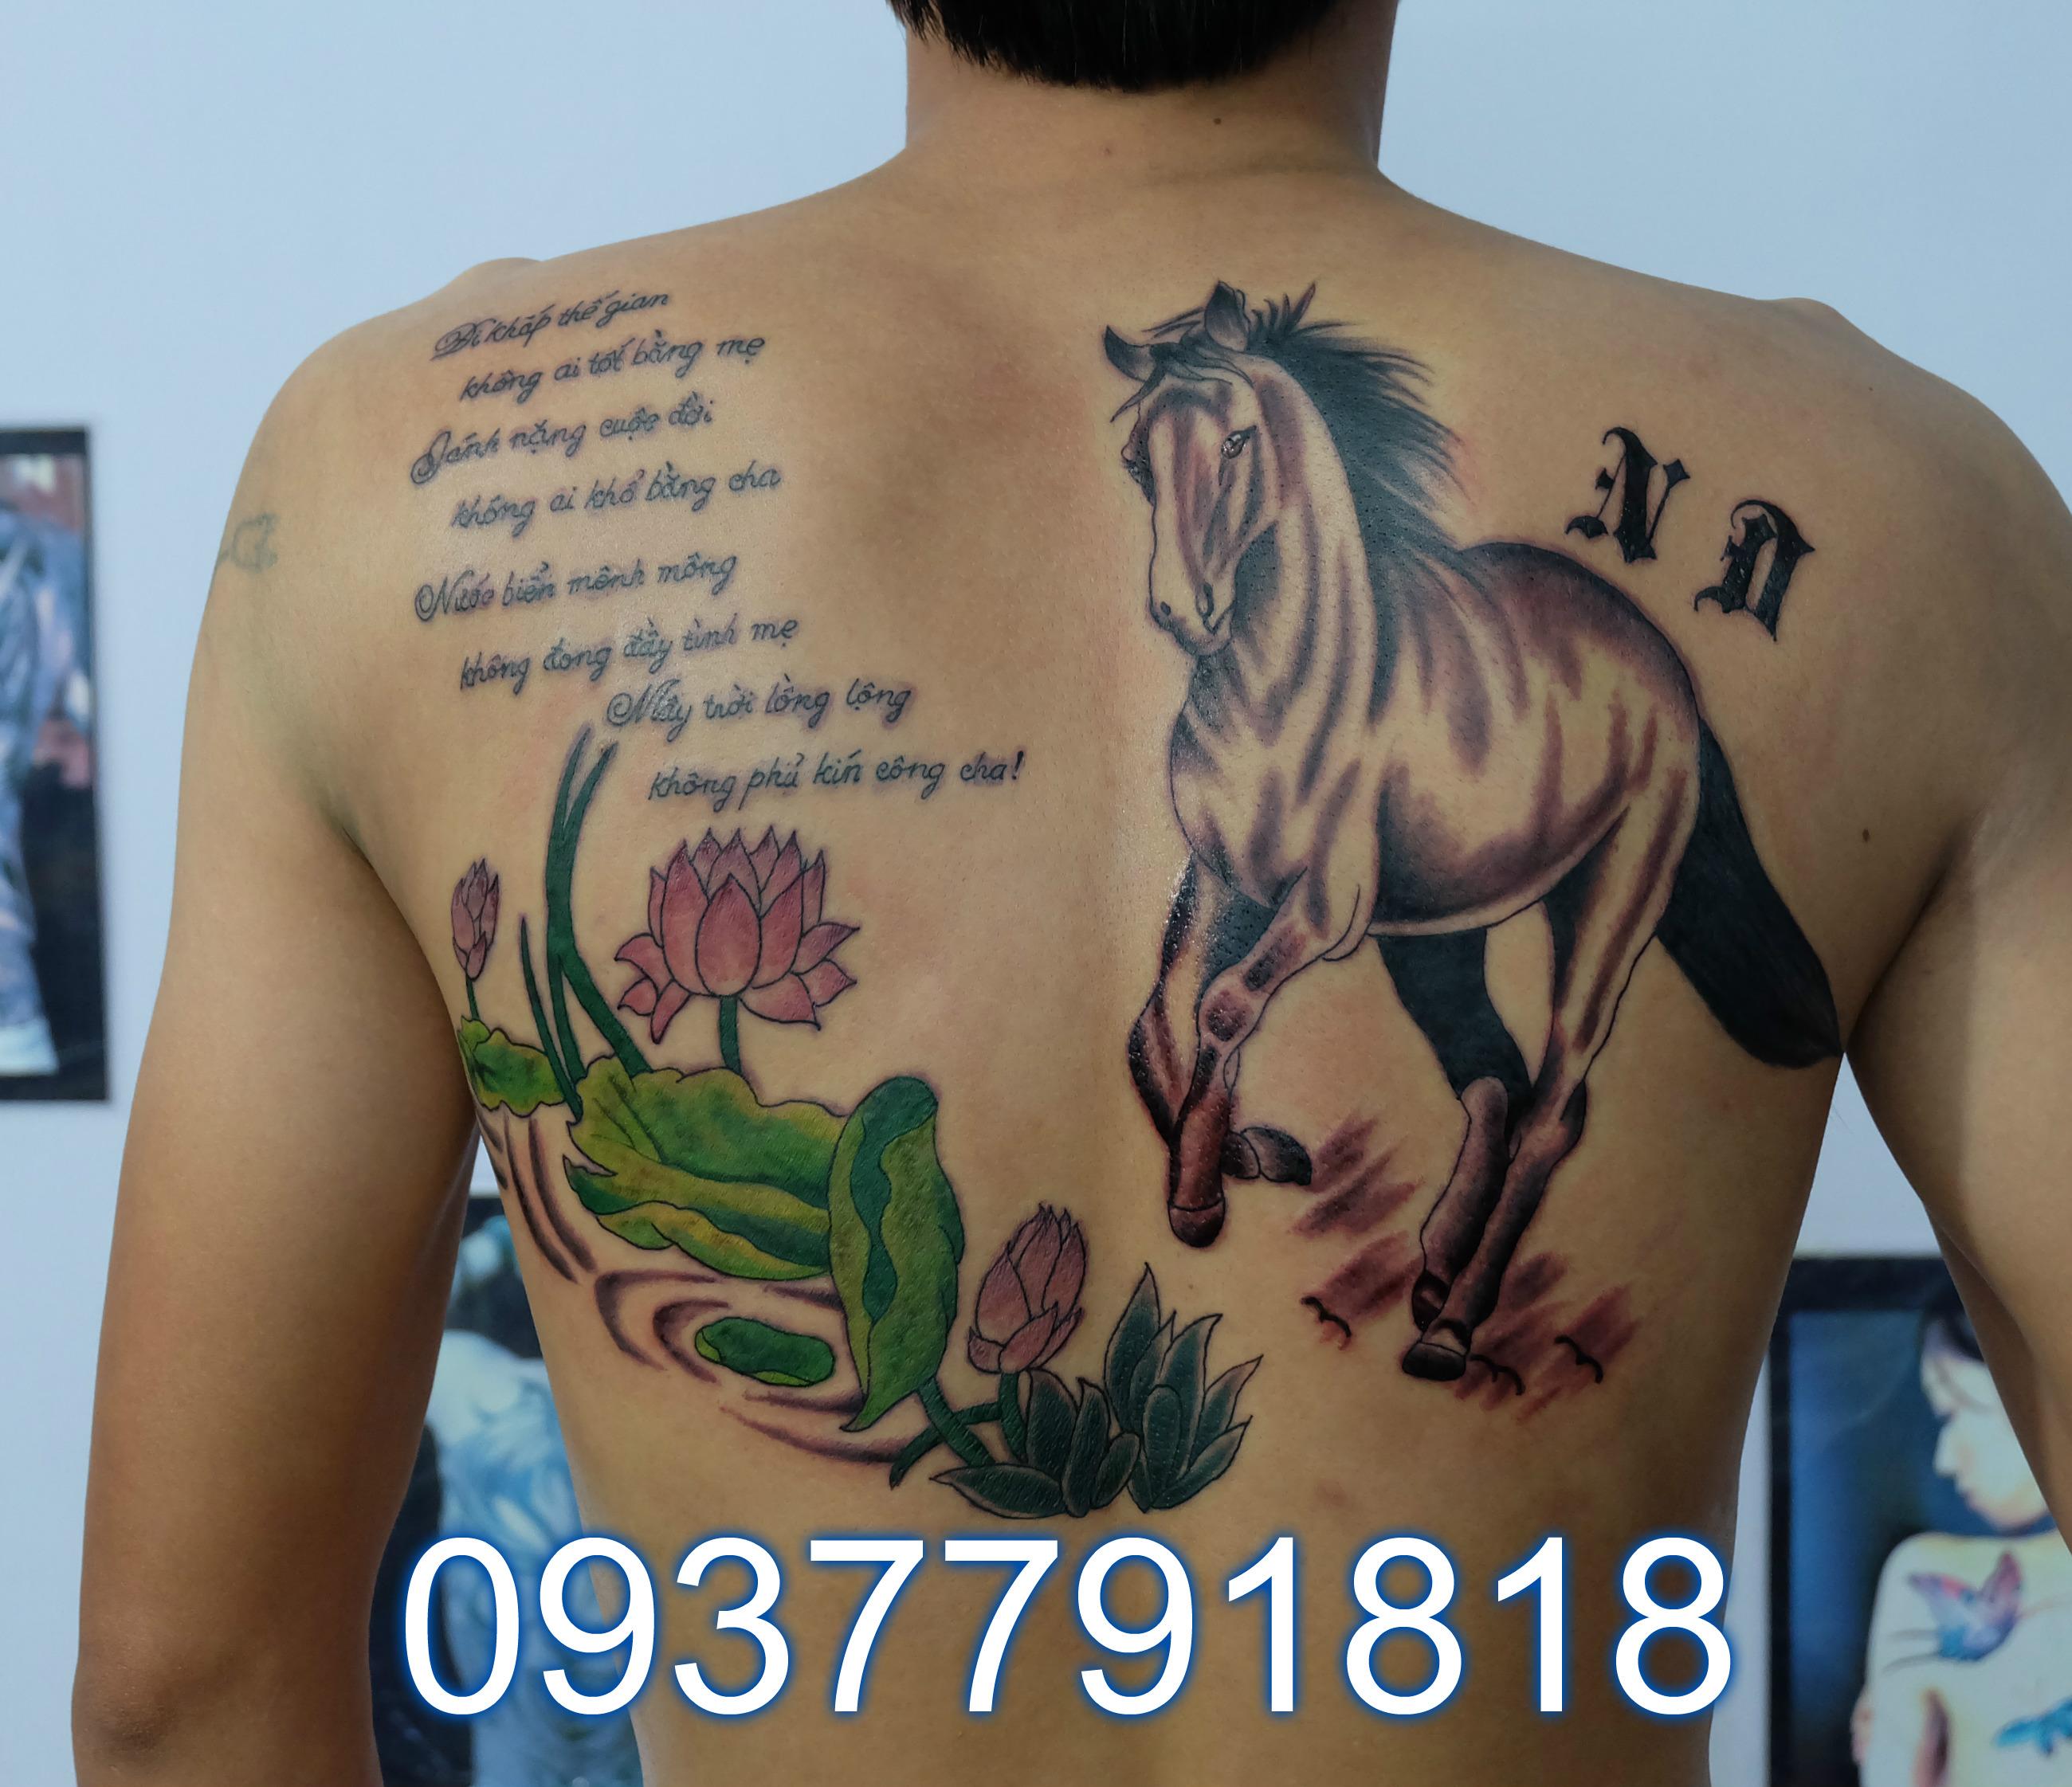 Thời trang nam: Nghệ Thuật Tattoo Giá Rẻ Quận 7 - Page 54 Pizap.com14779900325031